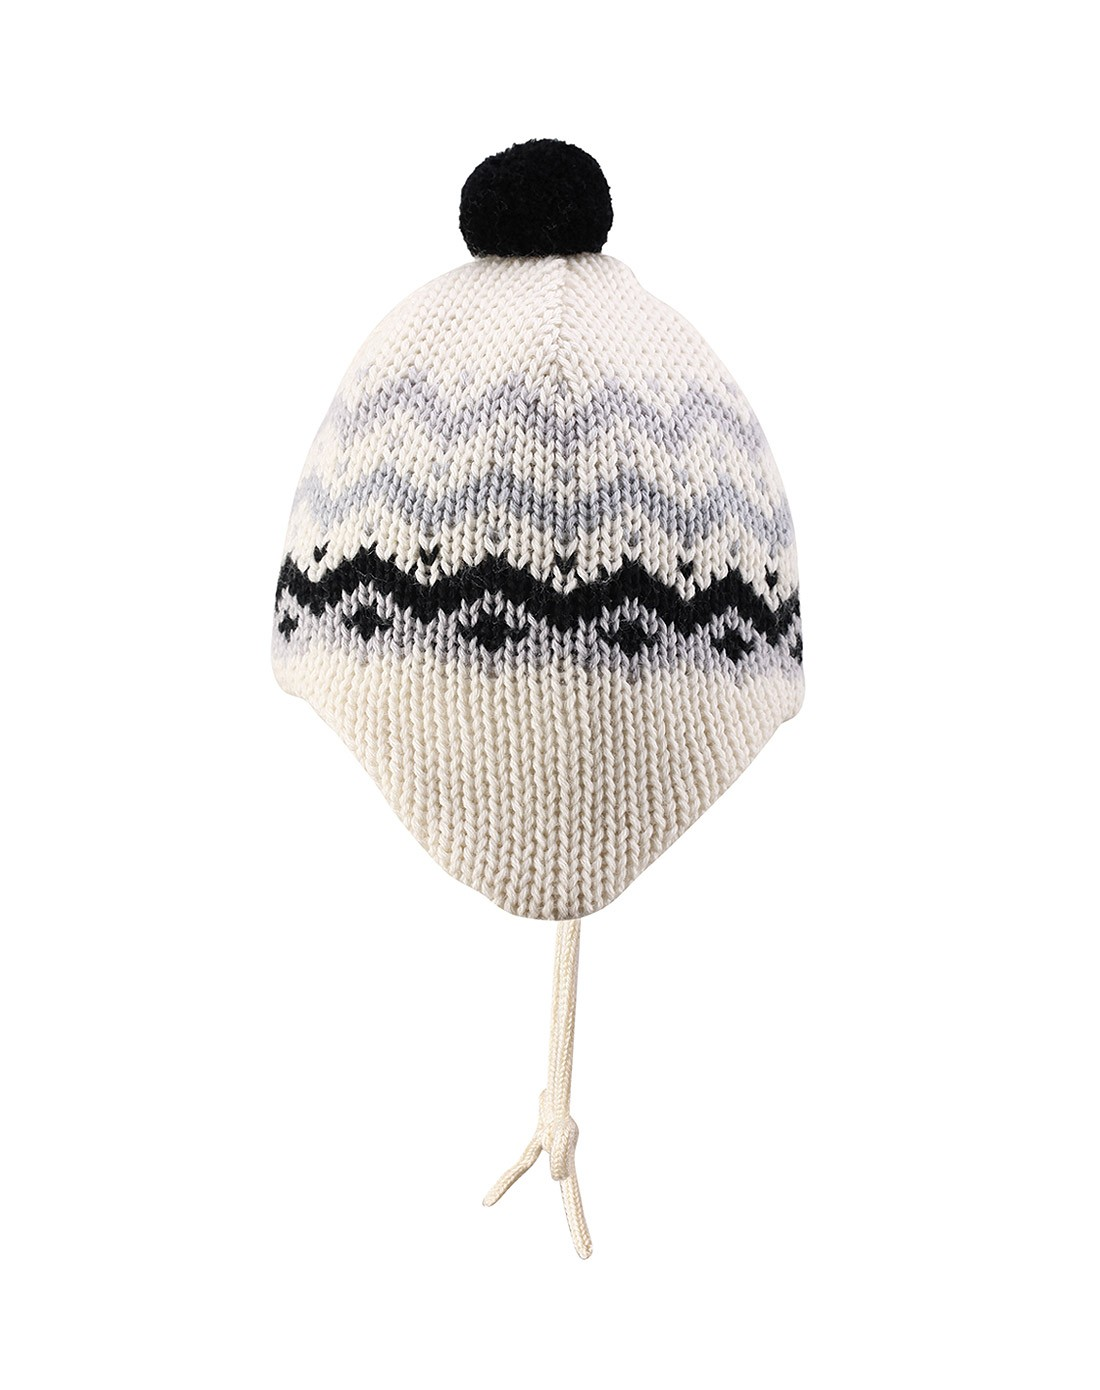 > 中性童灰配白色针织帽 保暖时尚